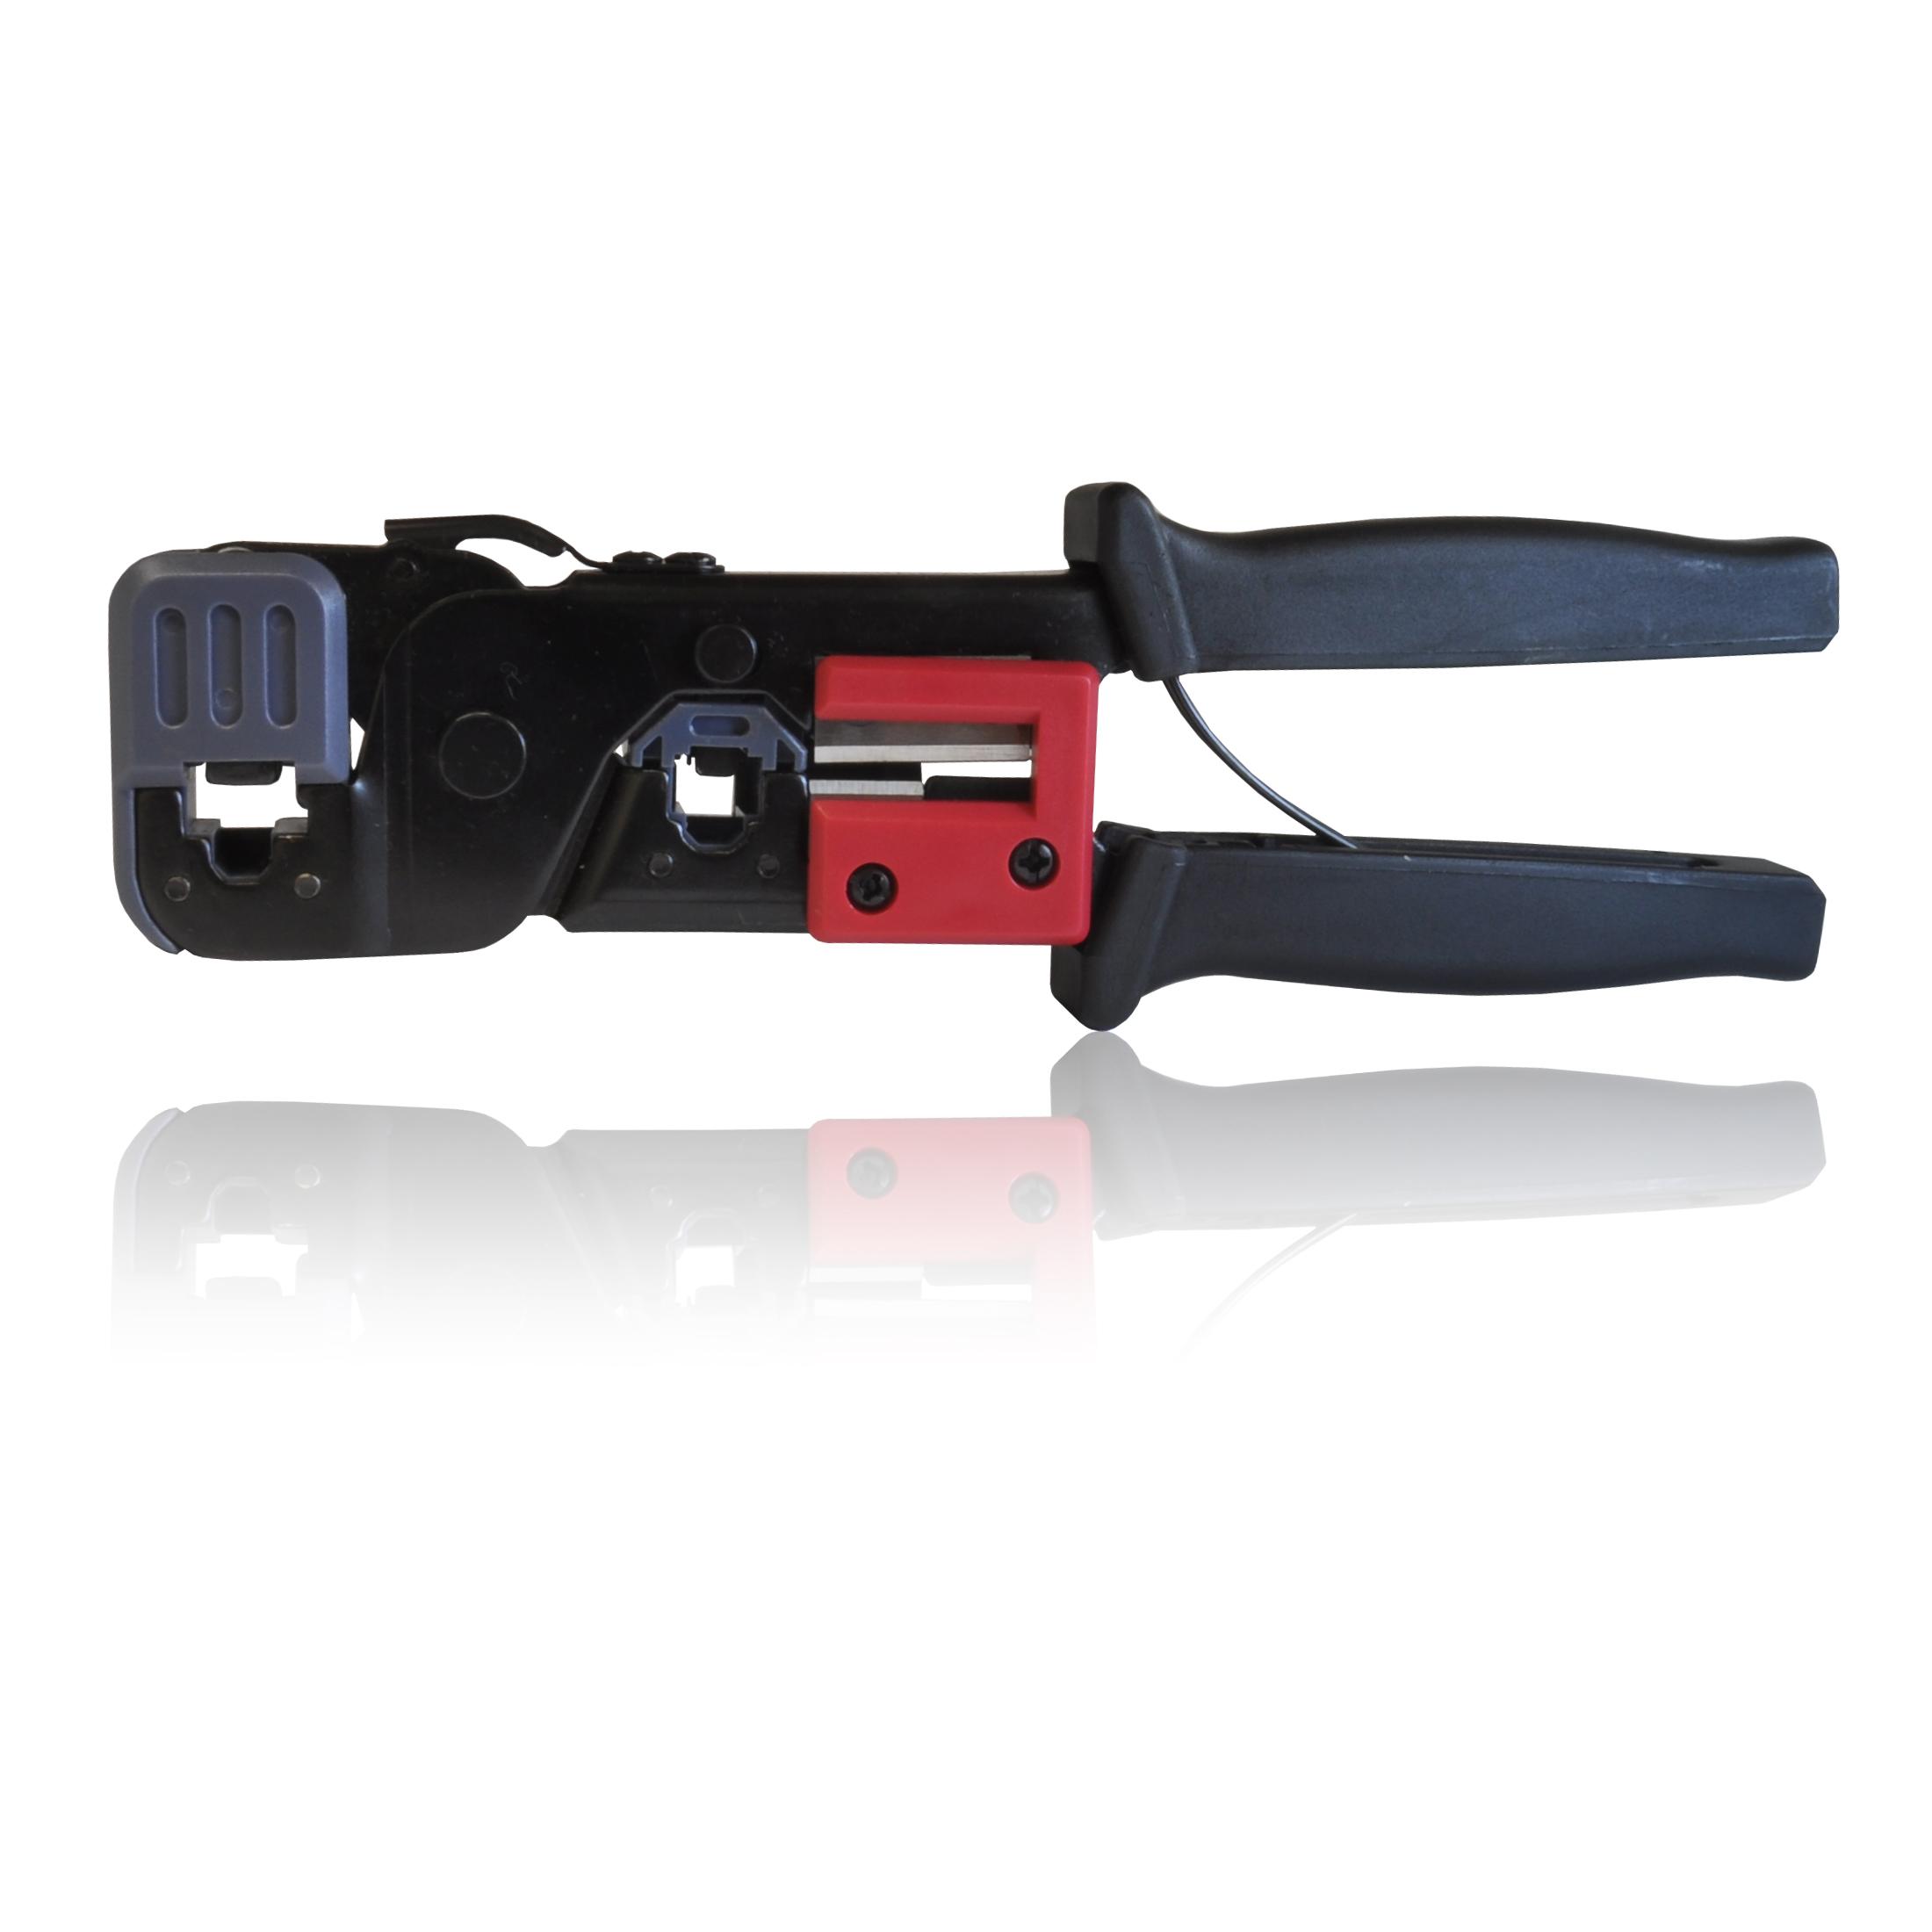 crimp crimping tool for rj45 rj 45 rj11 rj 11 8p8c 6p6c plugs cat 5 5e 6. Black Bedroom Furniture Sets. Home Design Ideas